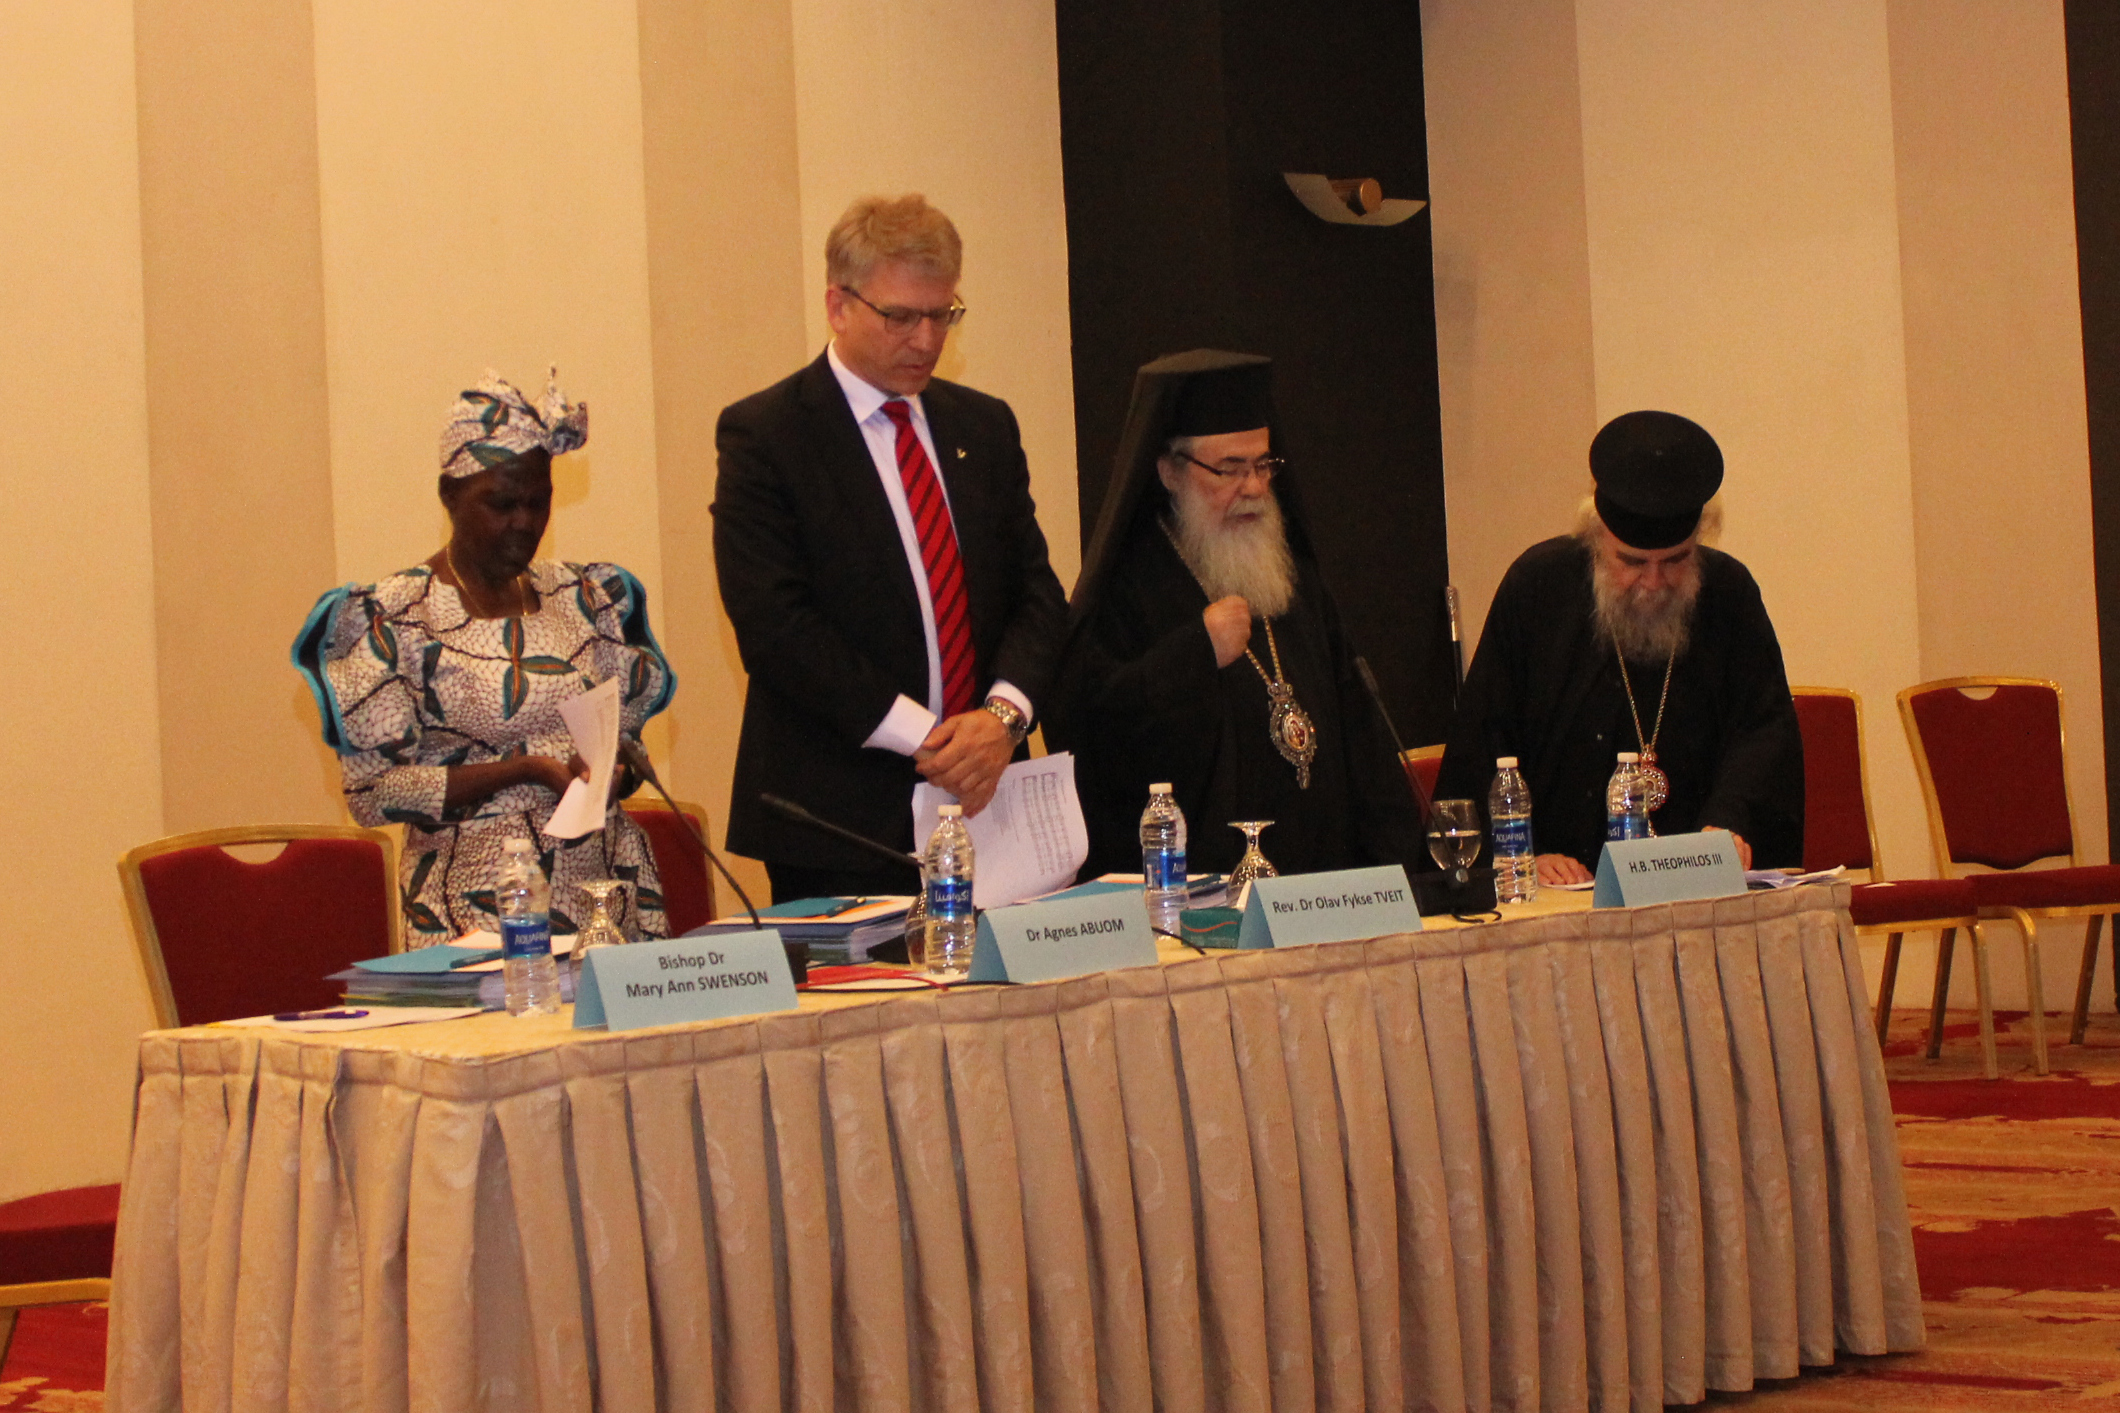 世界教会協議会(WCC)常議員会の開会式。左から、WCCのアグネス・アブオム中央委員会議長、オラフ・フィクセ・トゥベイト総幹事、正教会のエルサレム総主教テオフィロス3世(写真:エルサレム総主教庁)